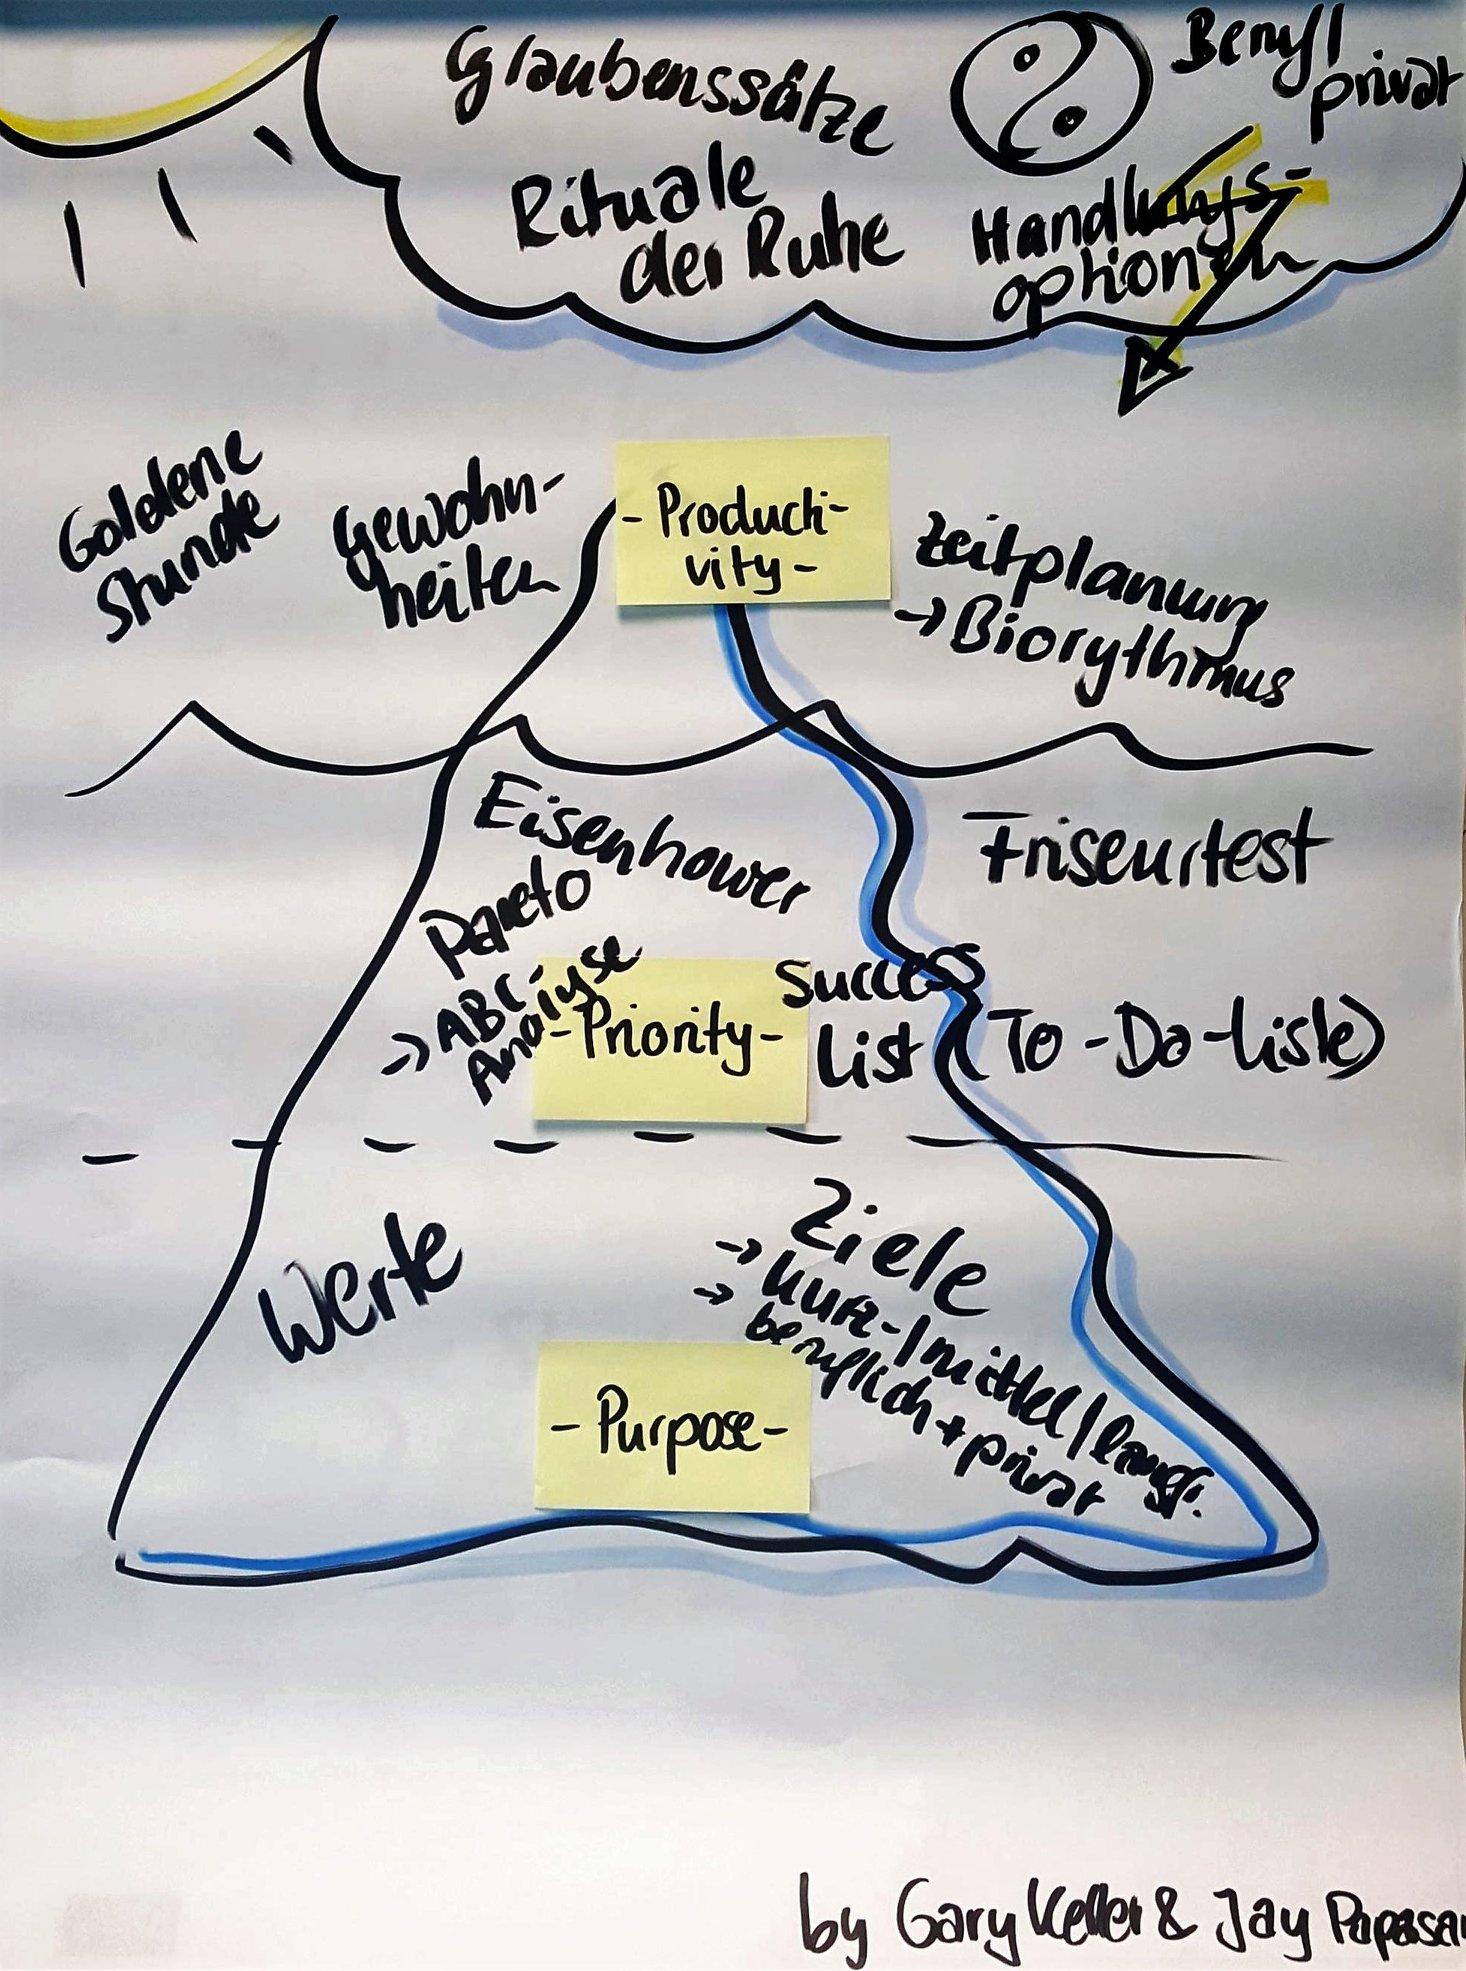 Seine Zeit sinnstiftend nutzen – Ein Eisberg-Modell